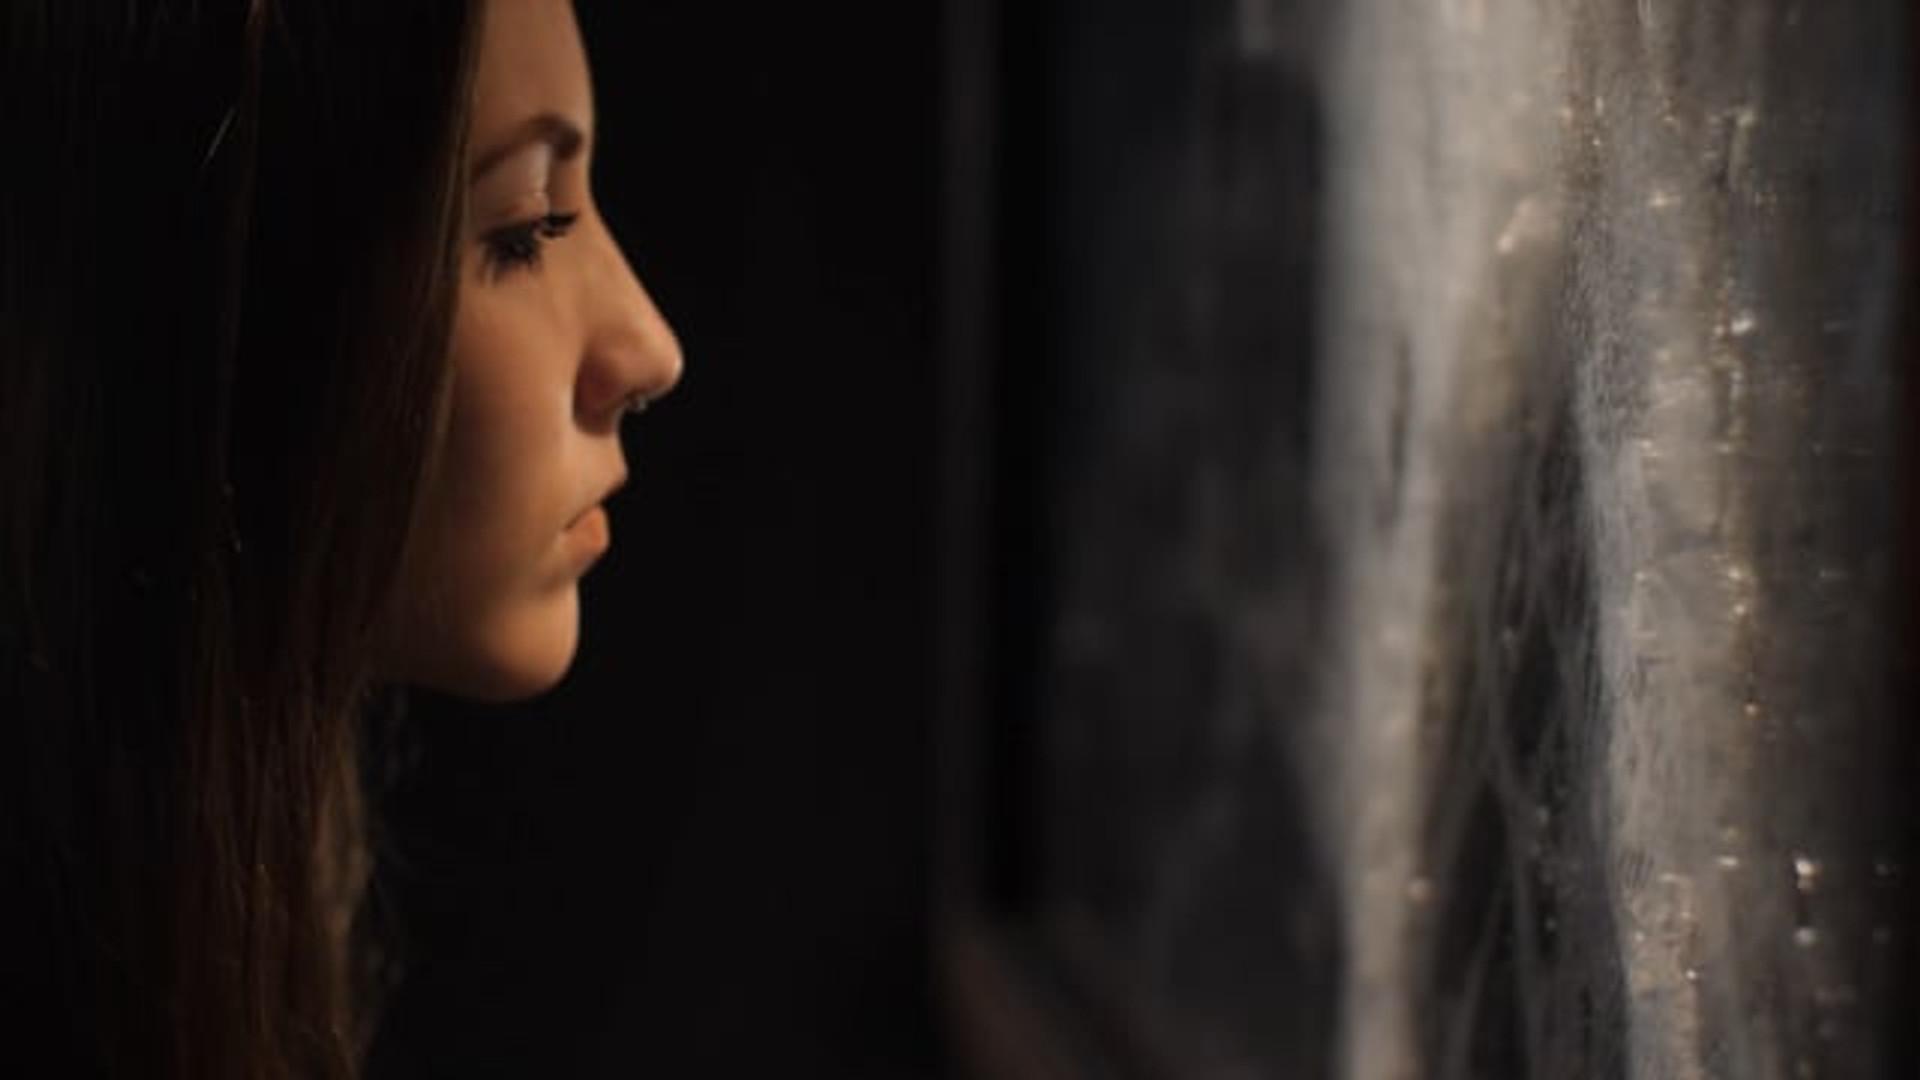 Museu de Arte Contemporânea: Diário de Cheiros - Teto de vidro